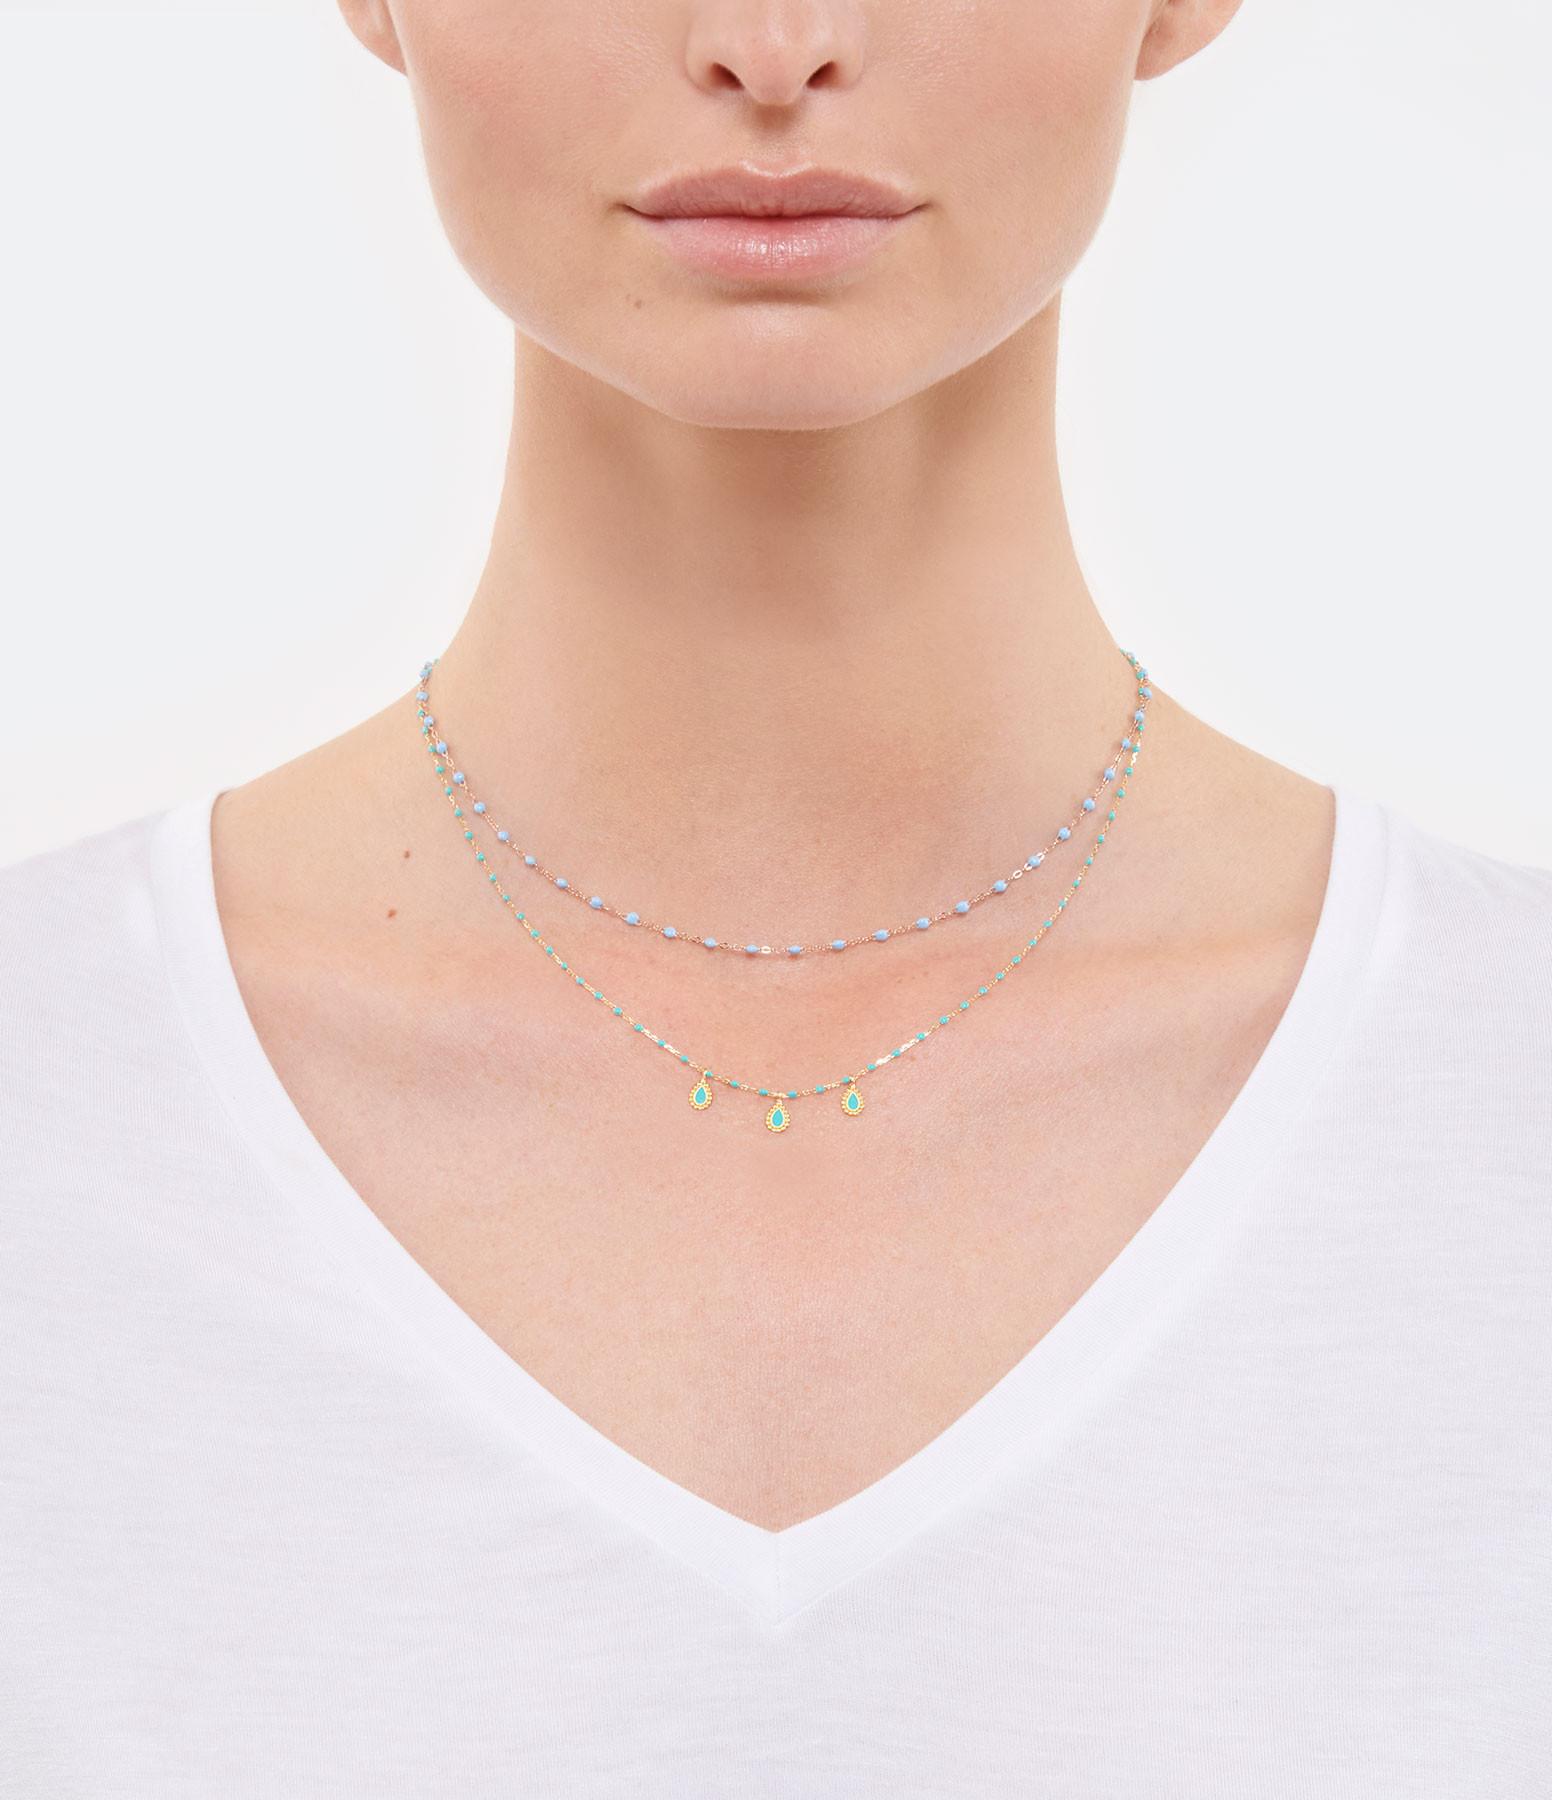 GIGI CLOZEAU - Collier Mini Perles Résine 3 Lucky Cachemire OG